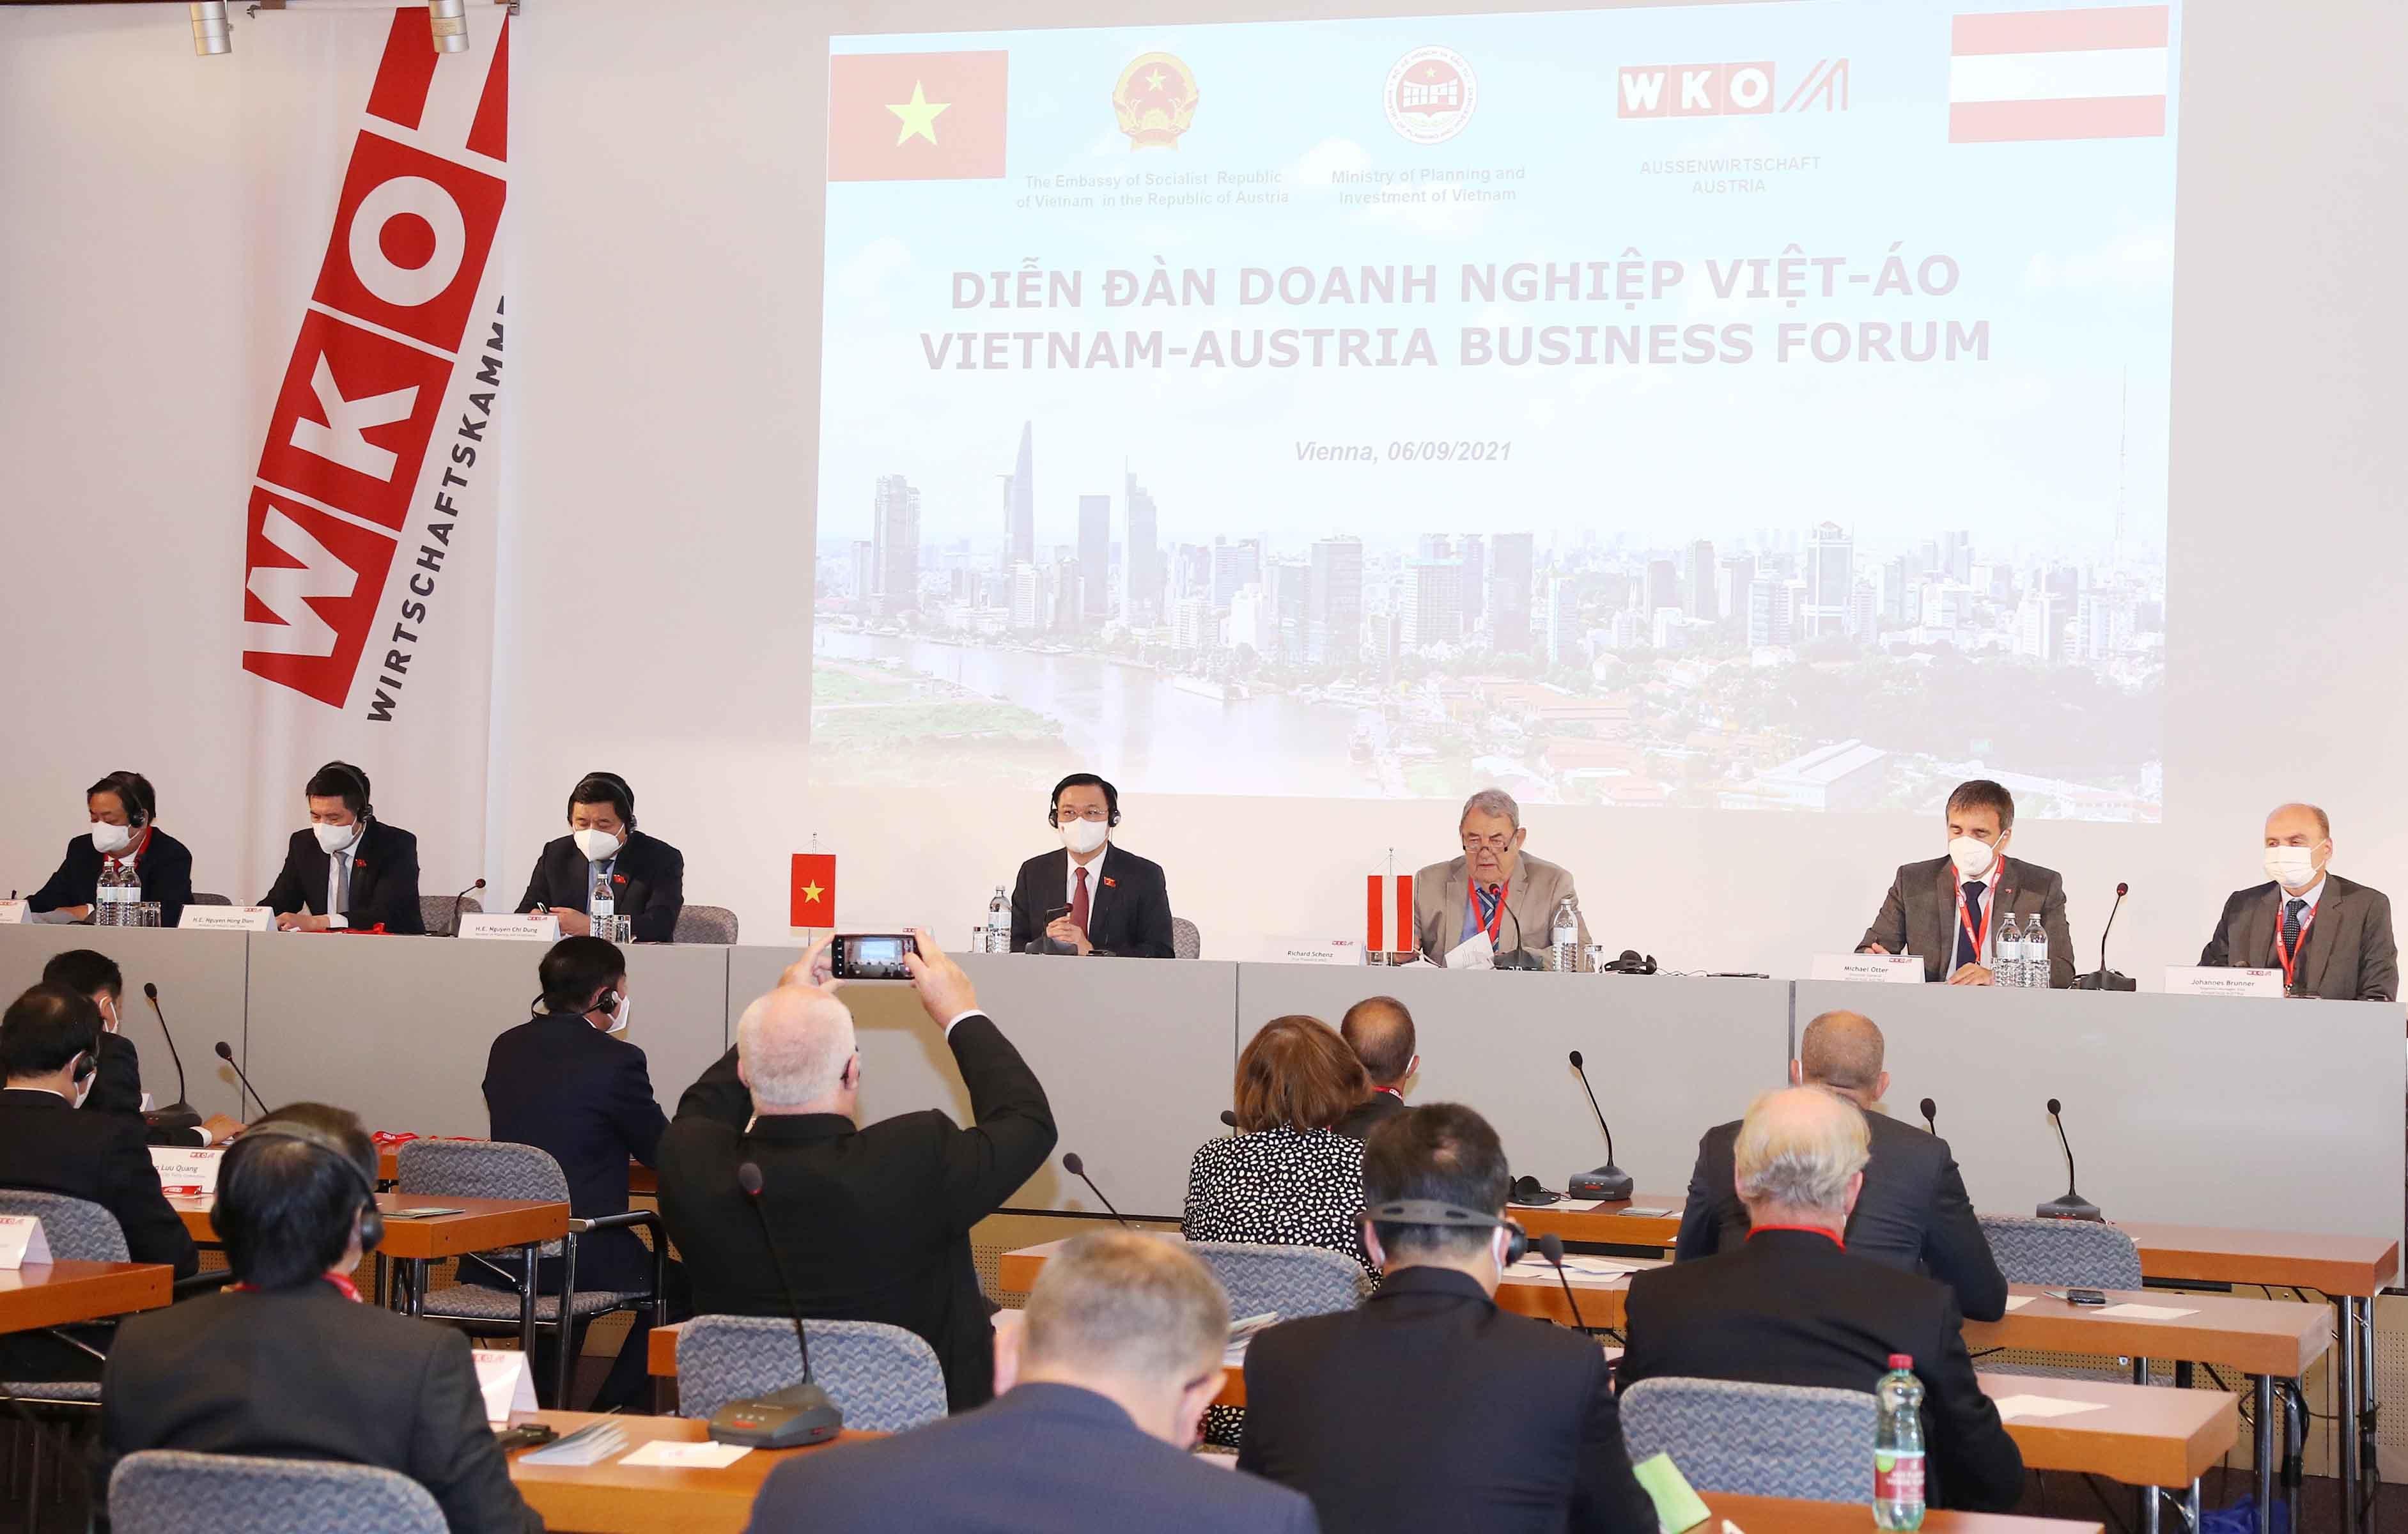 Hợp tác với Việt Nam là tiếp cận với thị trường có hơn 1 tỷ dân